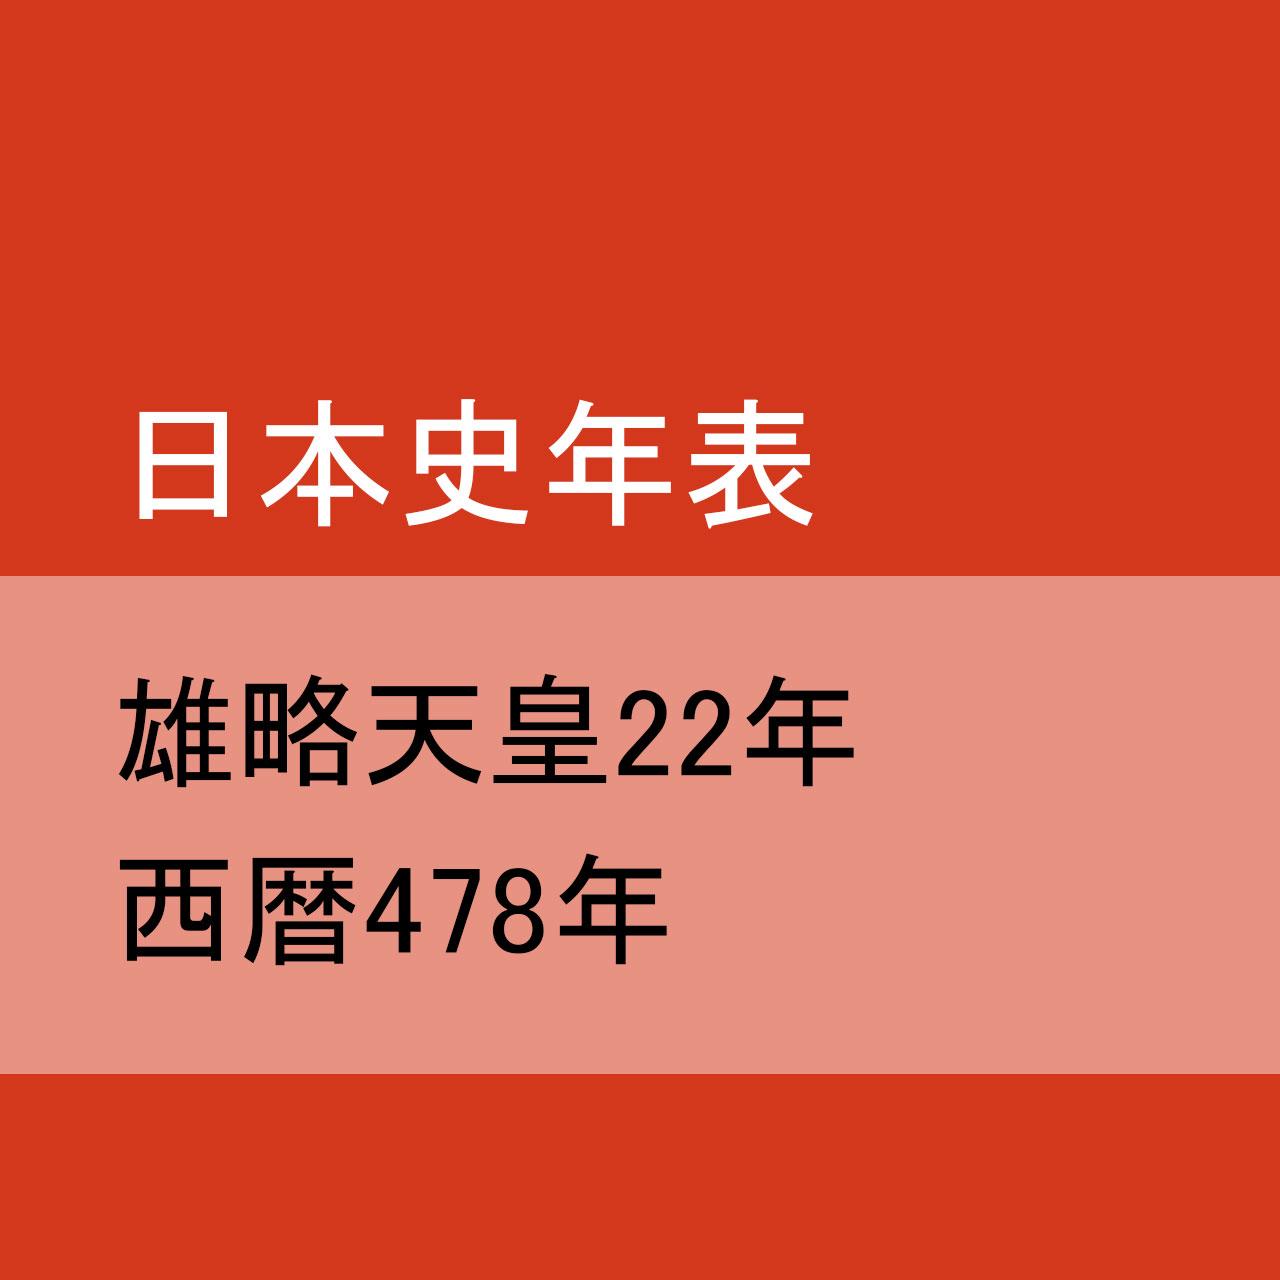 雄略天皇22(478)年